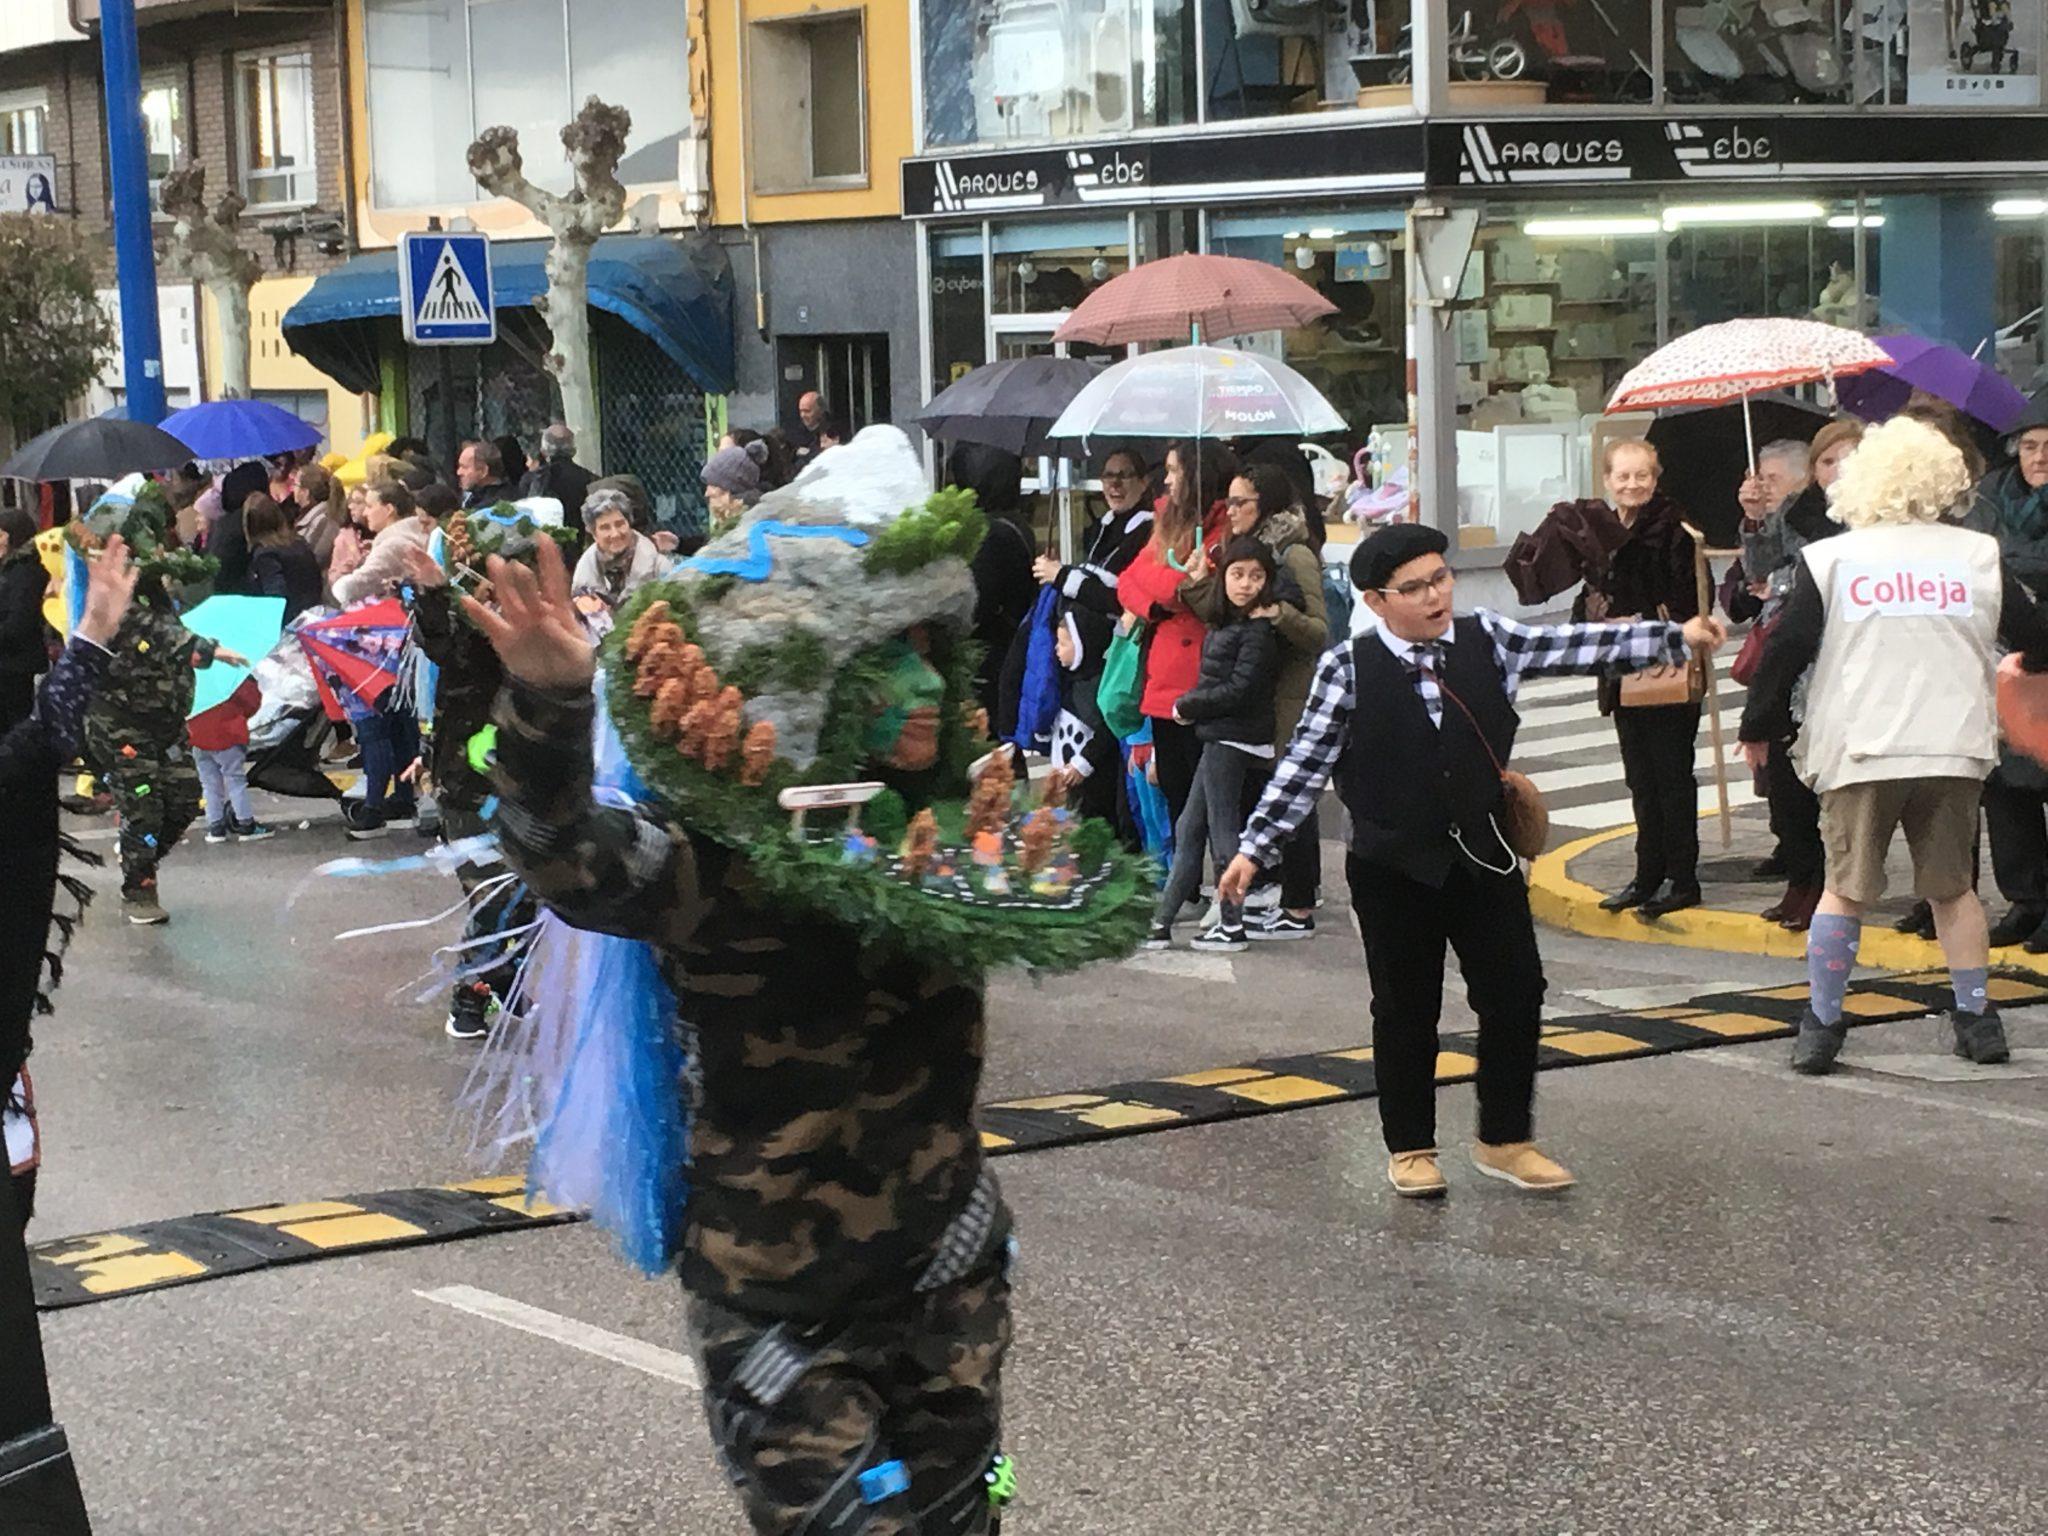 Álbum de fotos del martes de Carnaval 2019 en Ponferrada 3